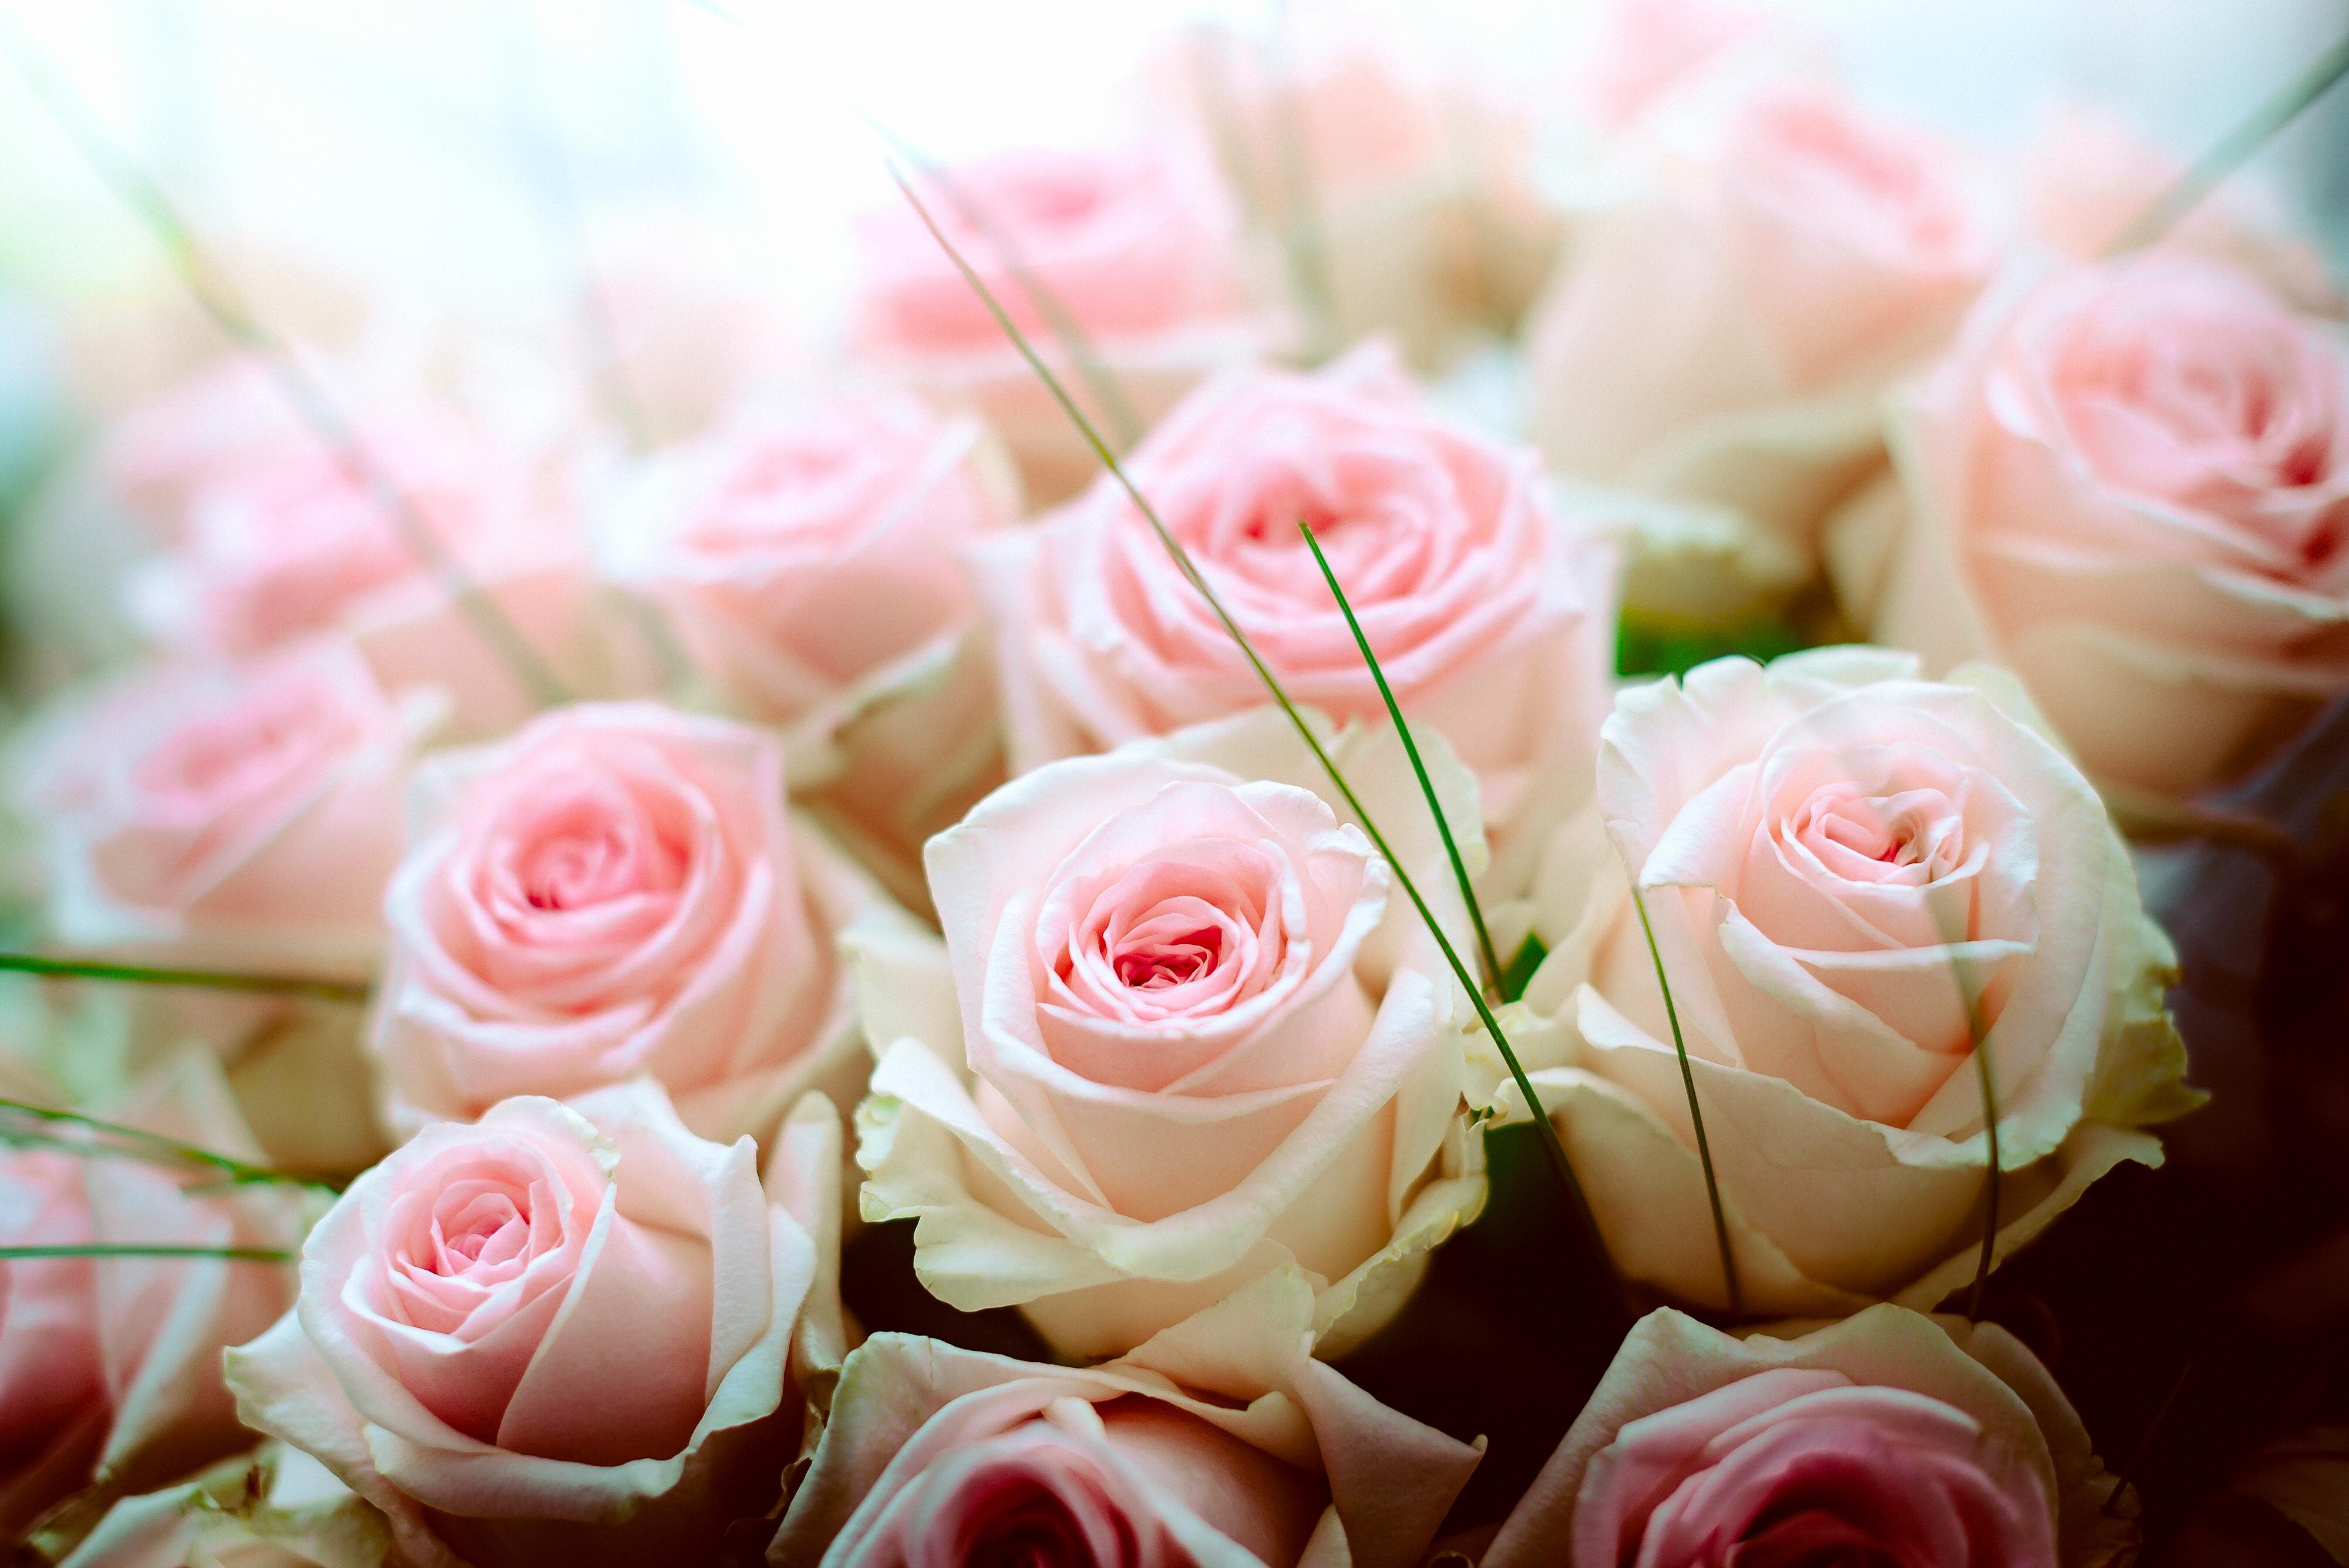 обои для рабочего стола розы красивые во весь экран № 233096  скачать